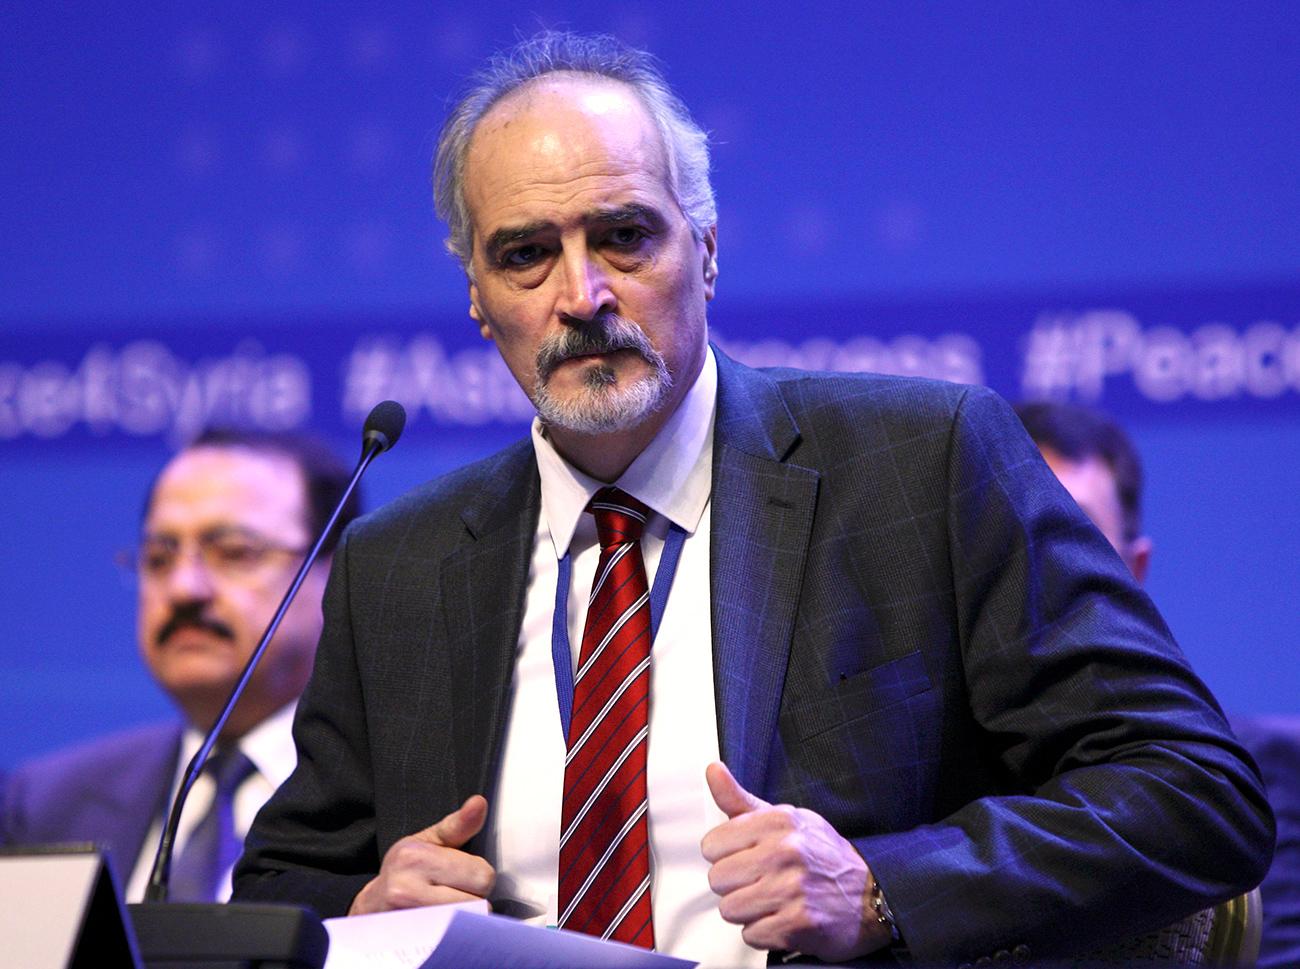 Der Vertreter der syrischen Regierung Baschar al-Dschafari bei den Verhandlungen in Astana.